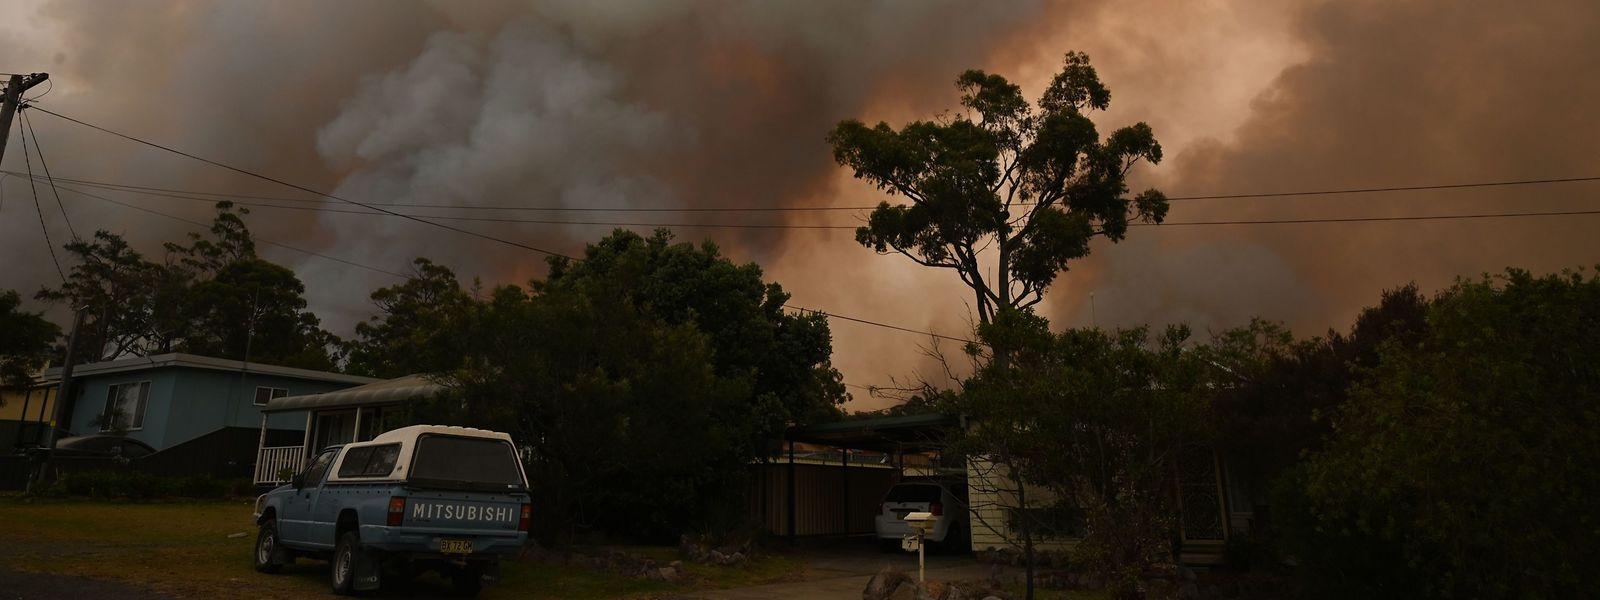 Les personnes doivent partir avant samedi, journée noire attendue sur le front des incendies avec des rafales de vent soutenues.